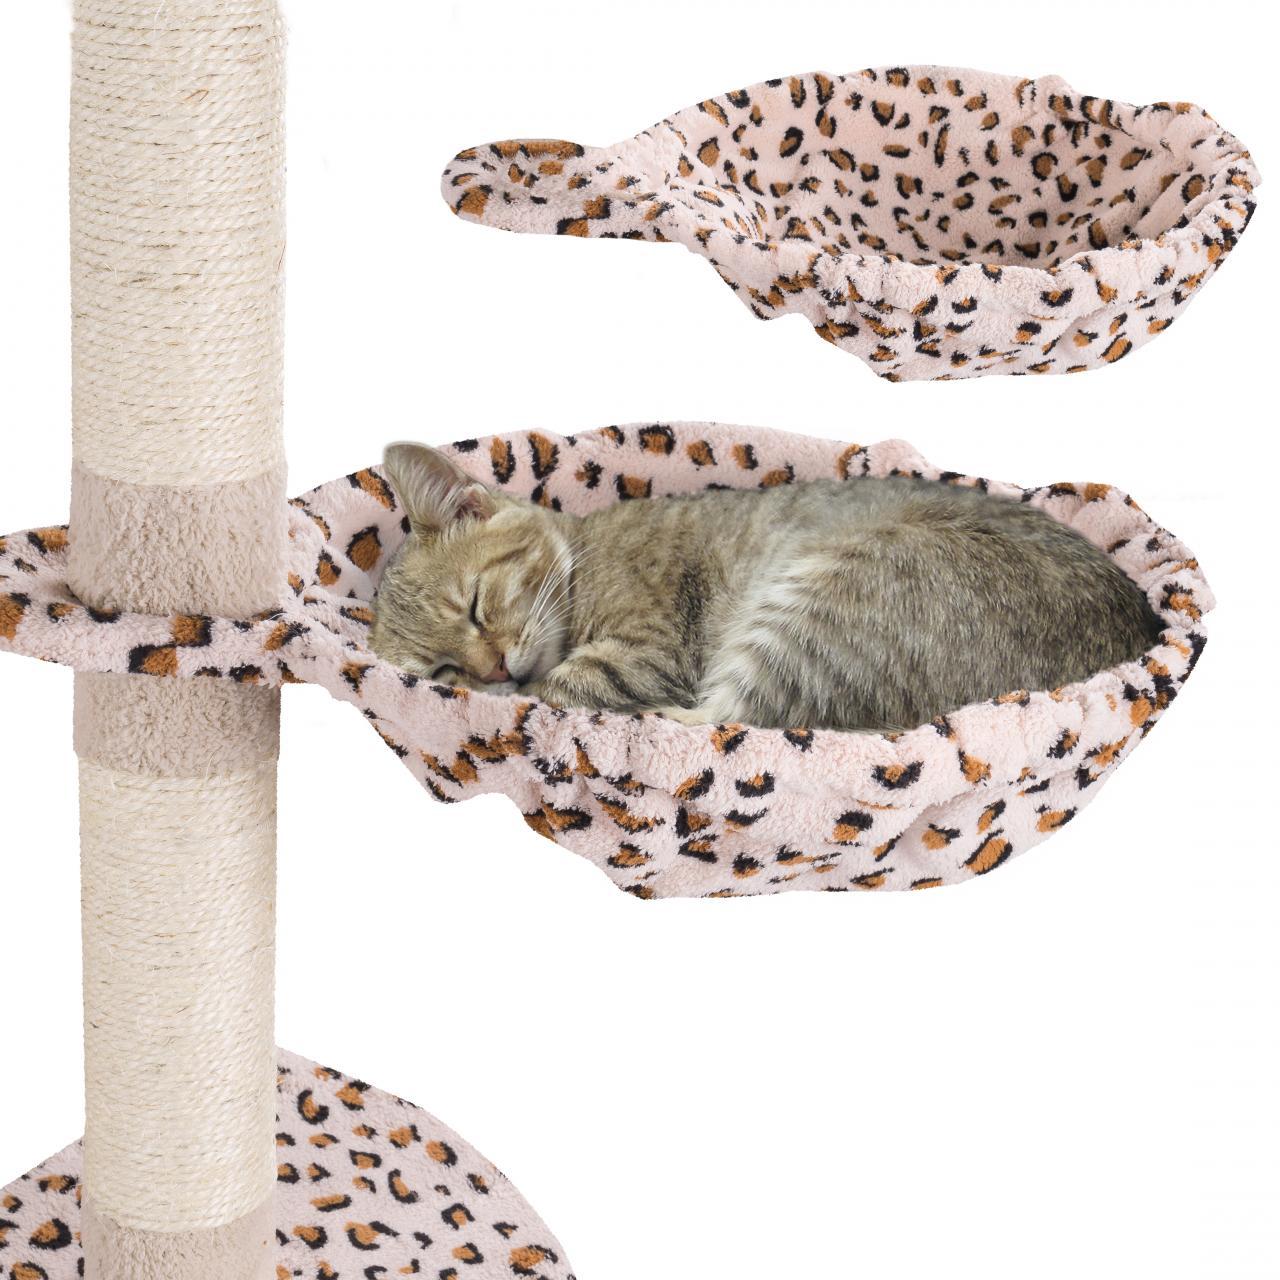 Liegemulde-fuer-Kratzbaum-Liegeplatz-Schlafmulde-Schlafplatz-Katzen-35-oder-40cm